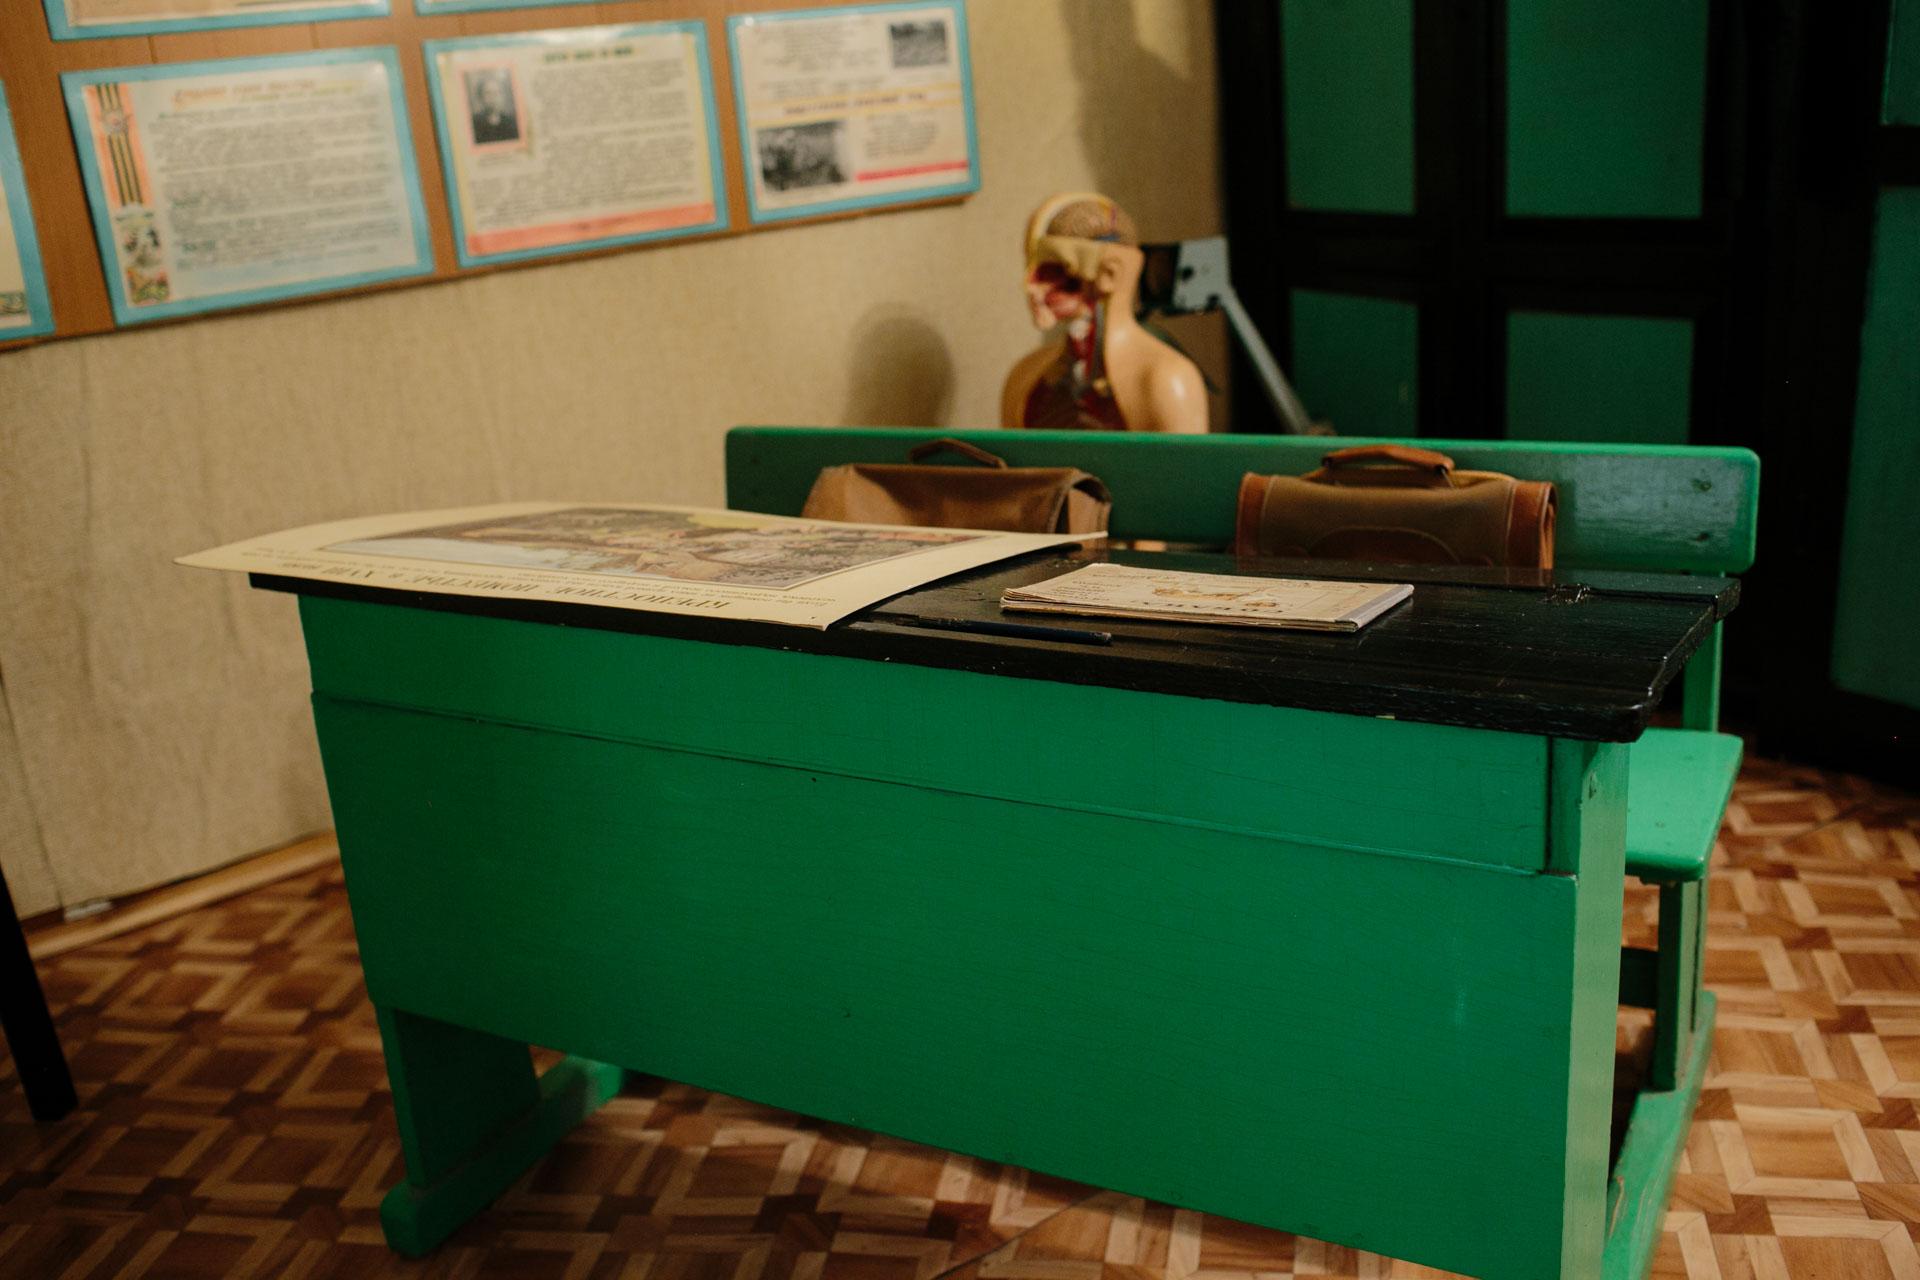 На фотографии школьная парта конца 20 века в советских, потом российских школах. Выкрашена в зелёный цвет уже не первый раз. Темная столешница под углом для удобства. На парте лежит карта, два ранца на месте для учеников. Находится в музее при школе № 13 посёлка Судома Вельского района.